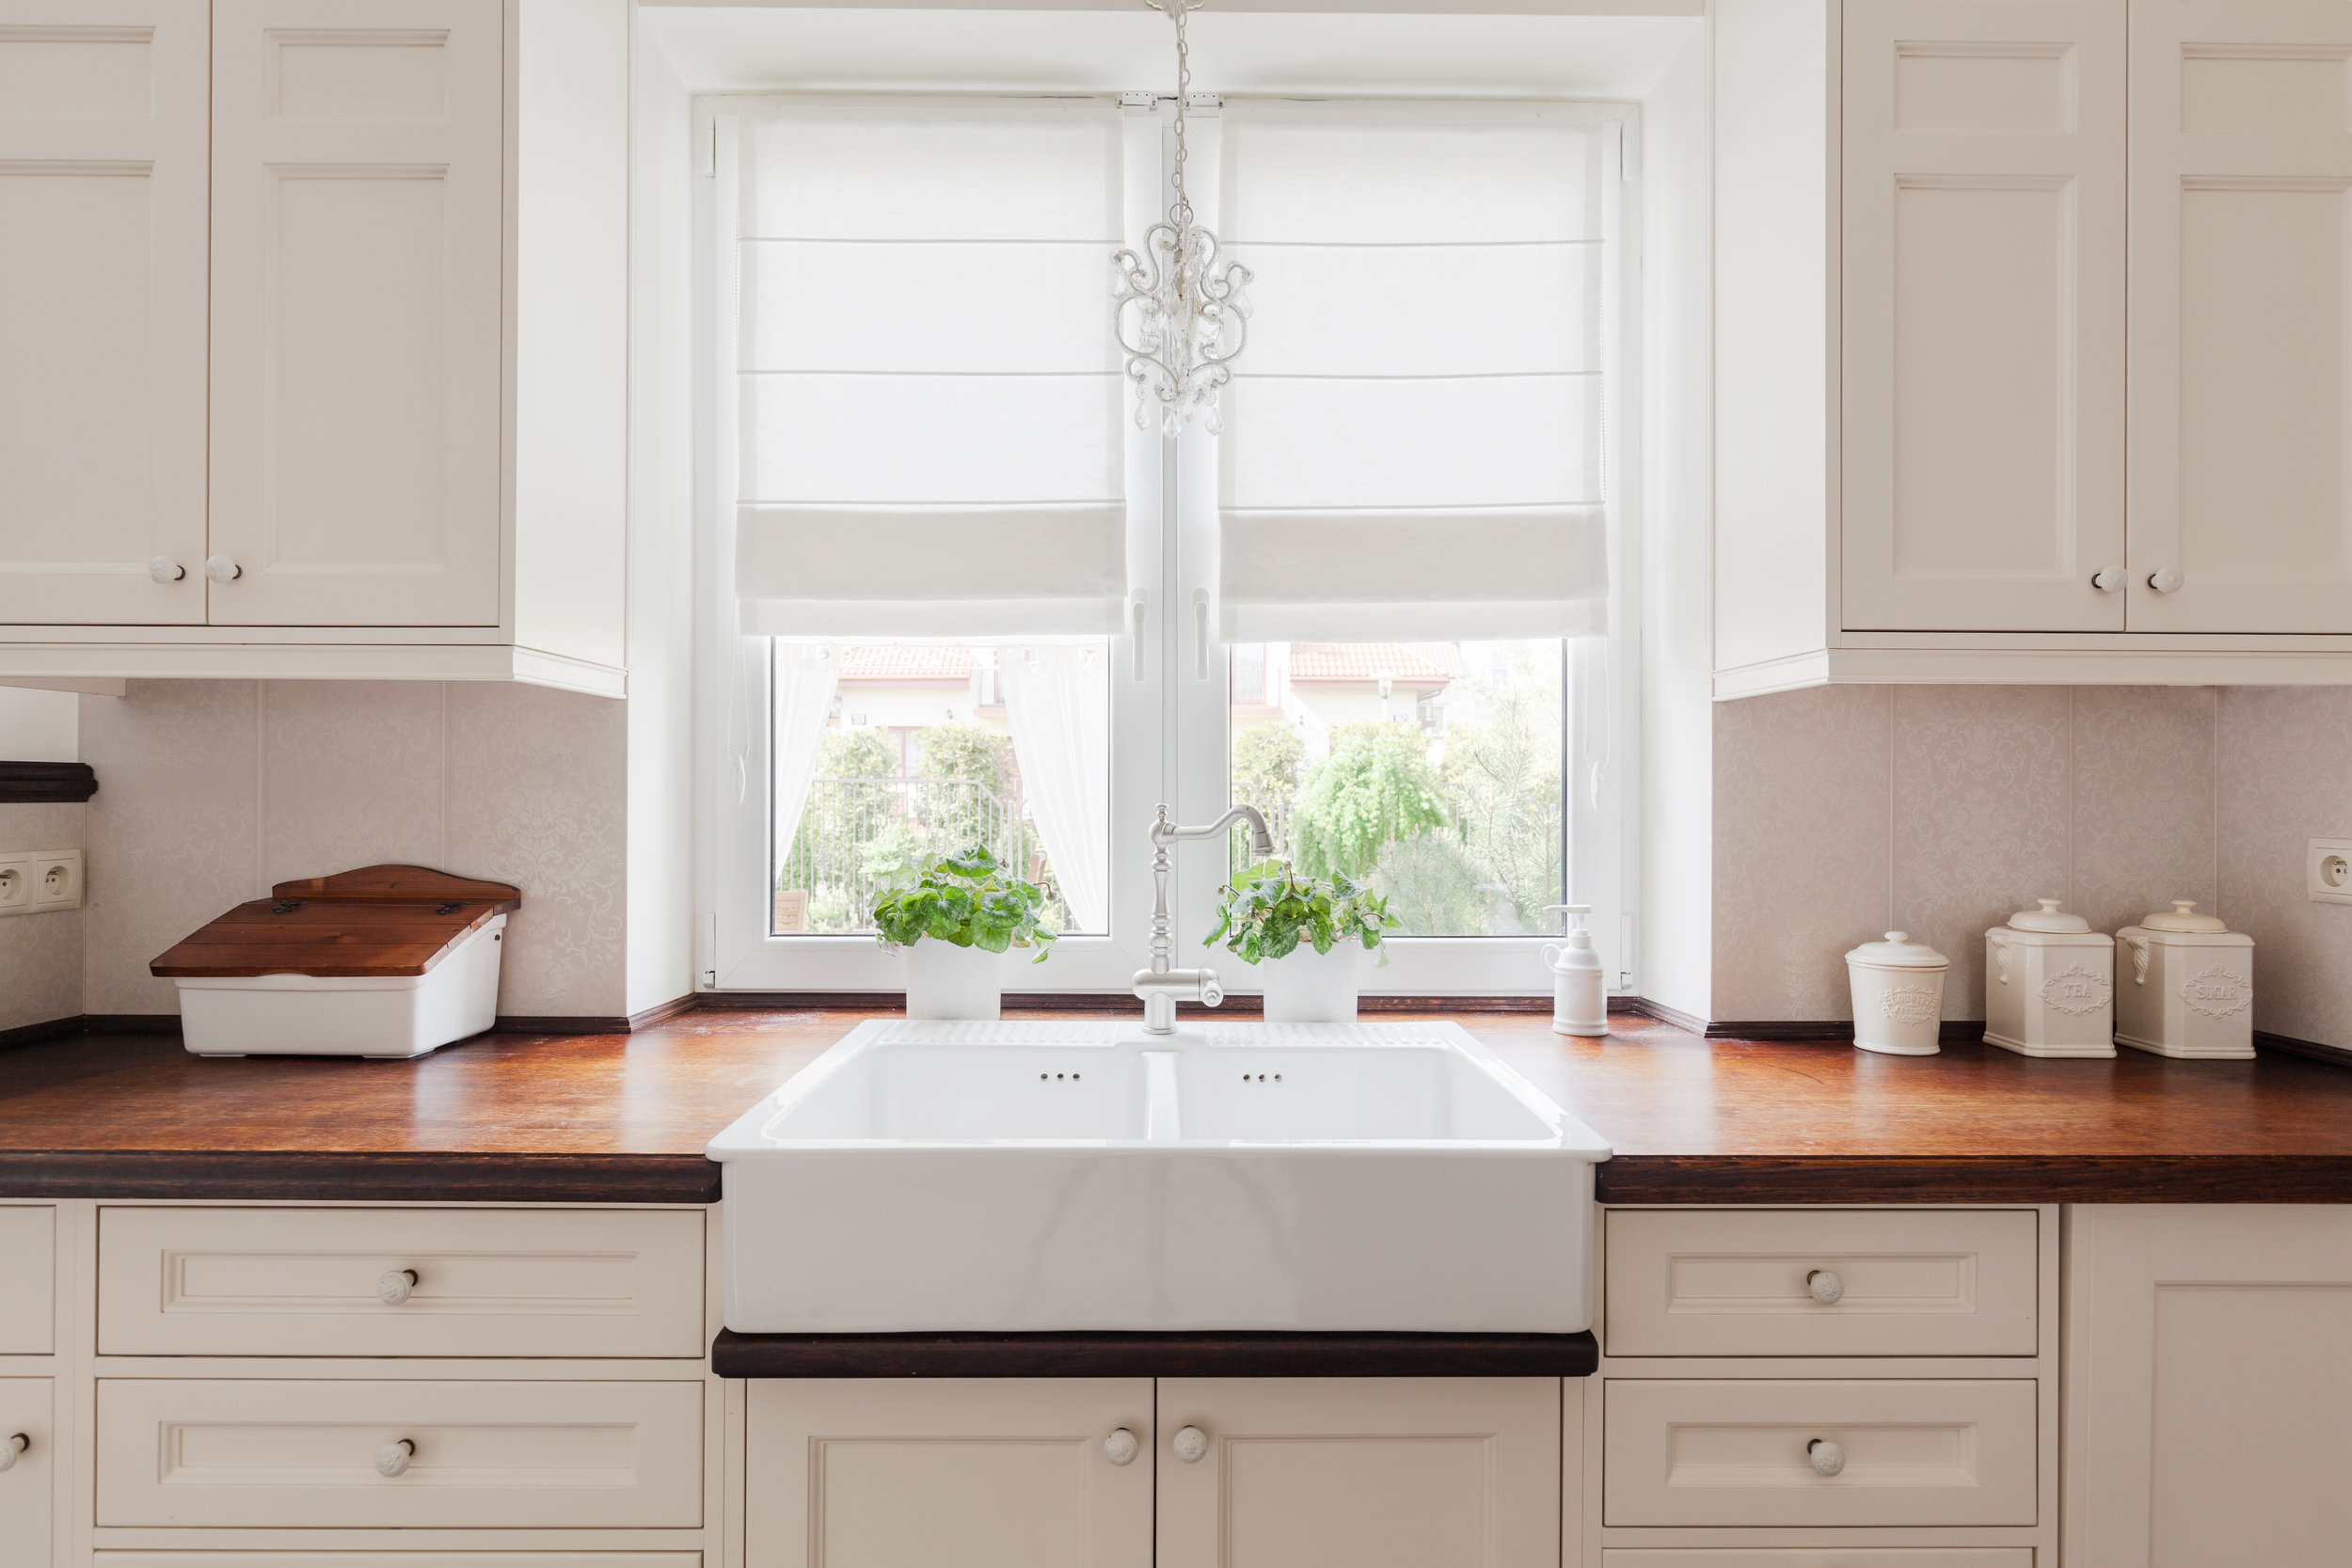 dvd interior design kitchen white kitchen darien ct.jpg